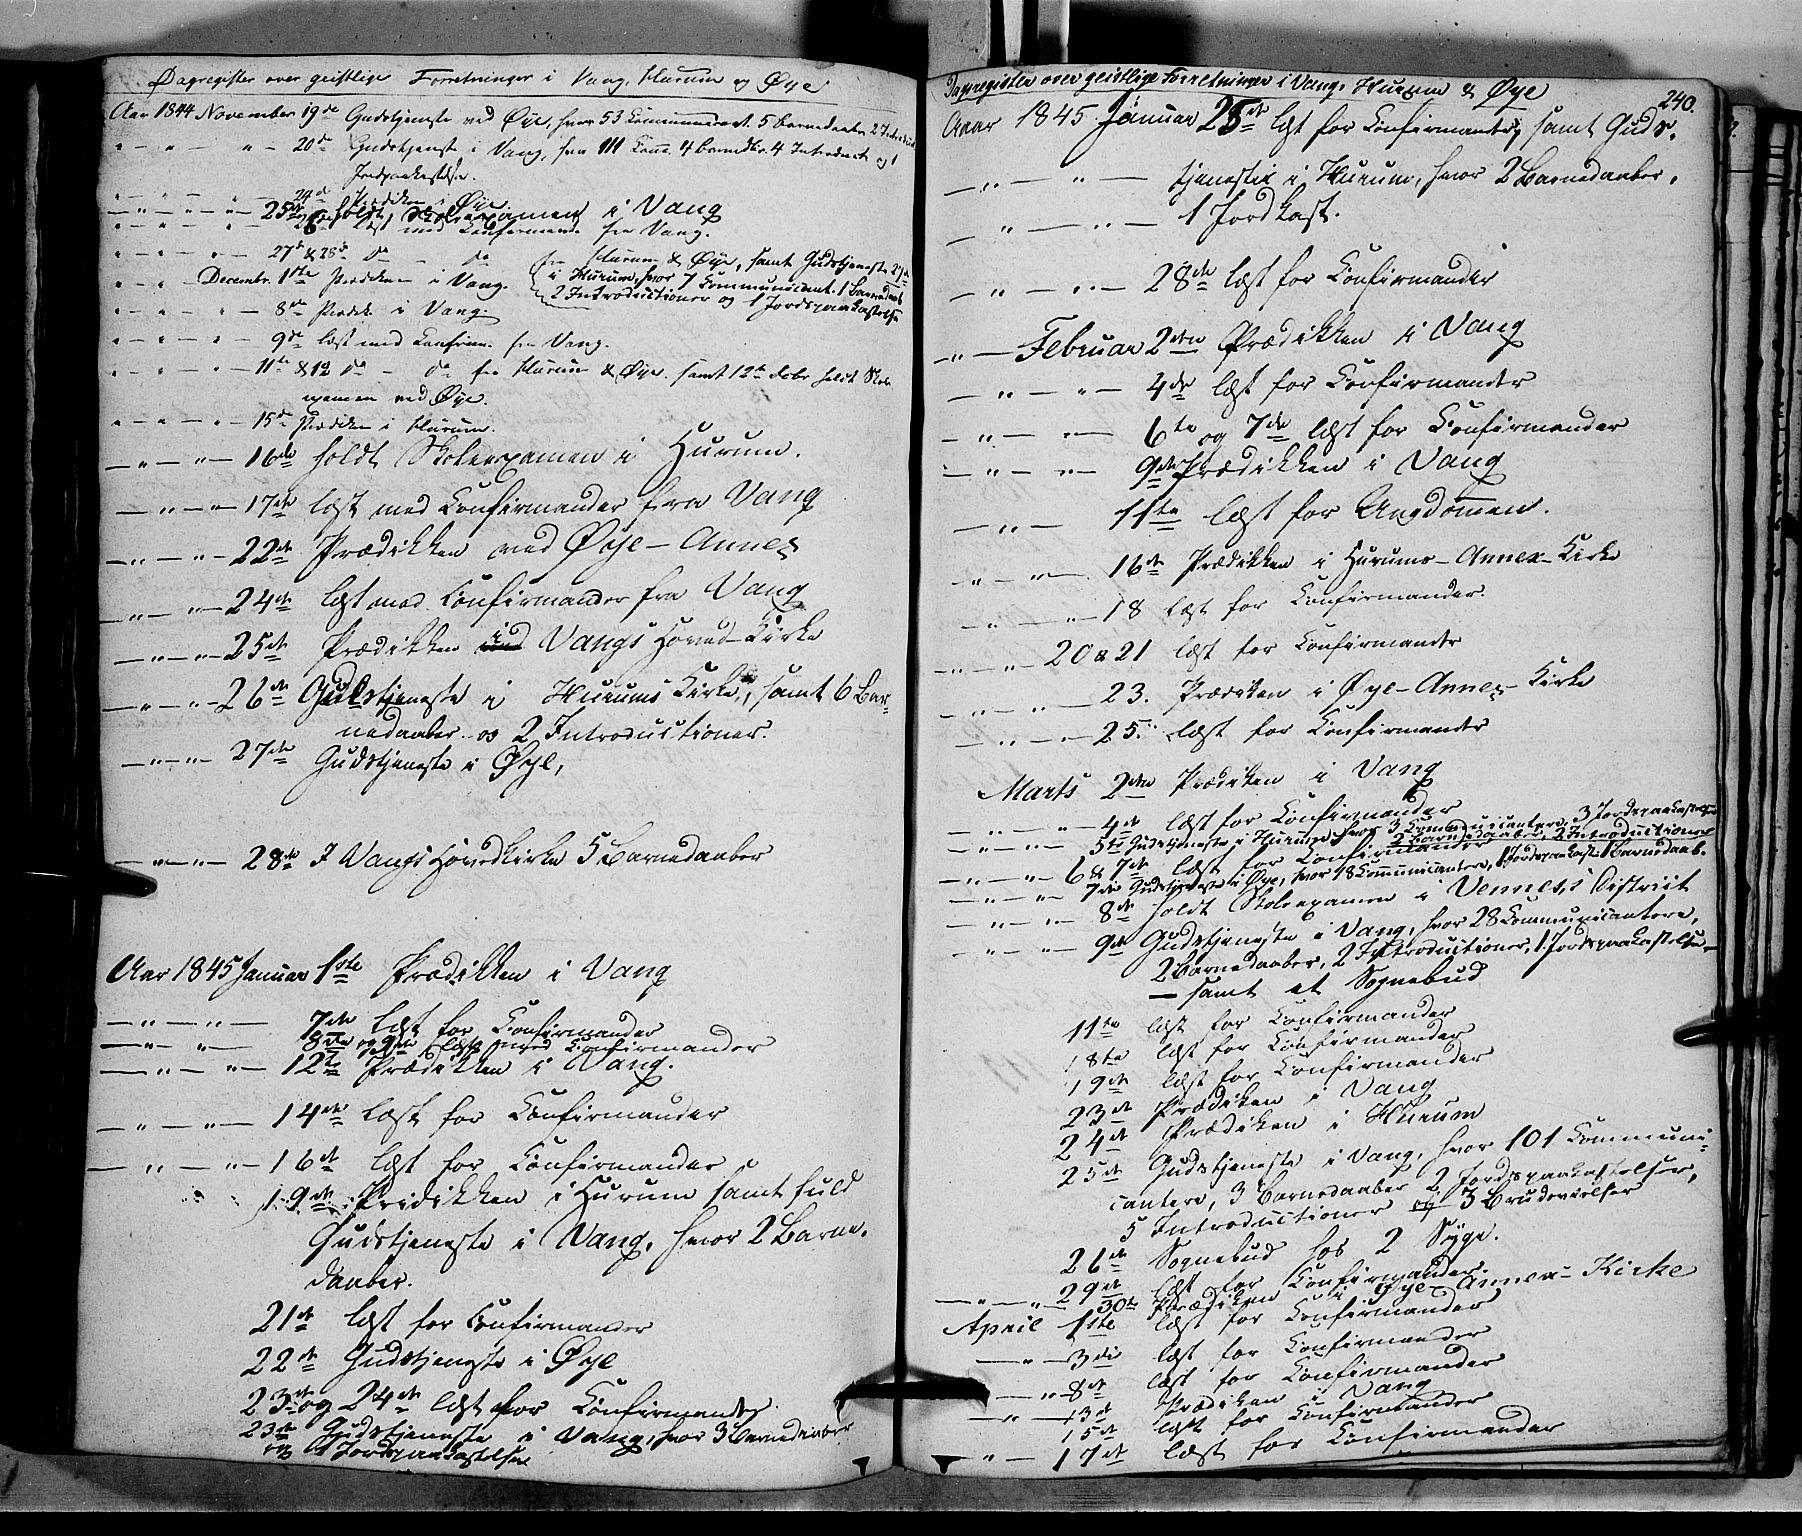 SAH, Vang prestekontor, Valdres, Ministerialbok nr. 5, 1831-1845, s. 240